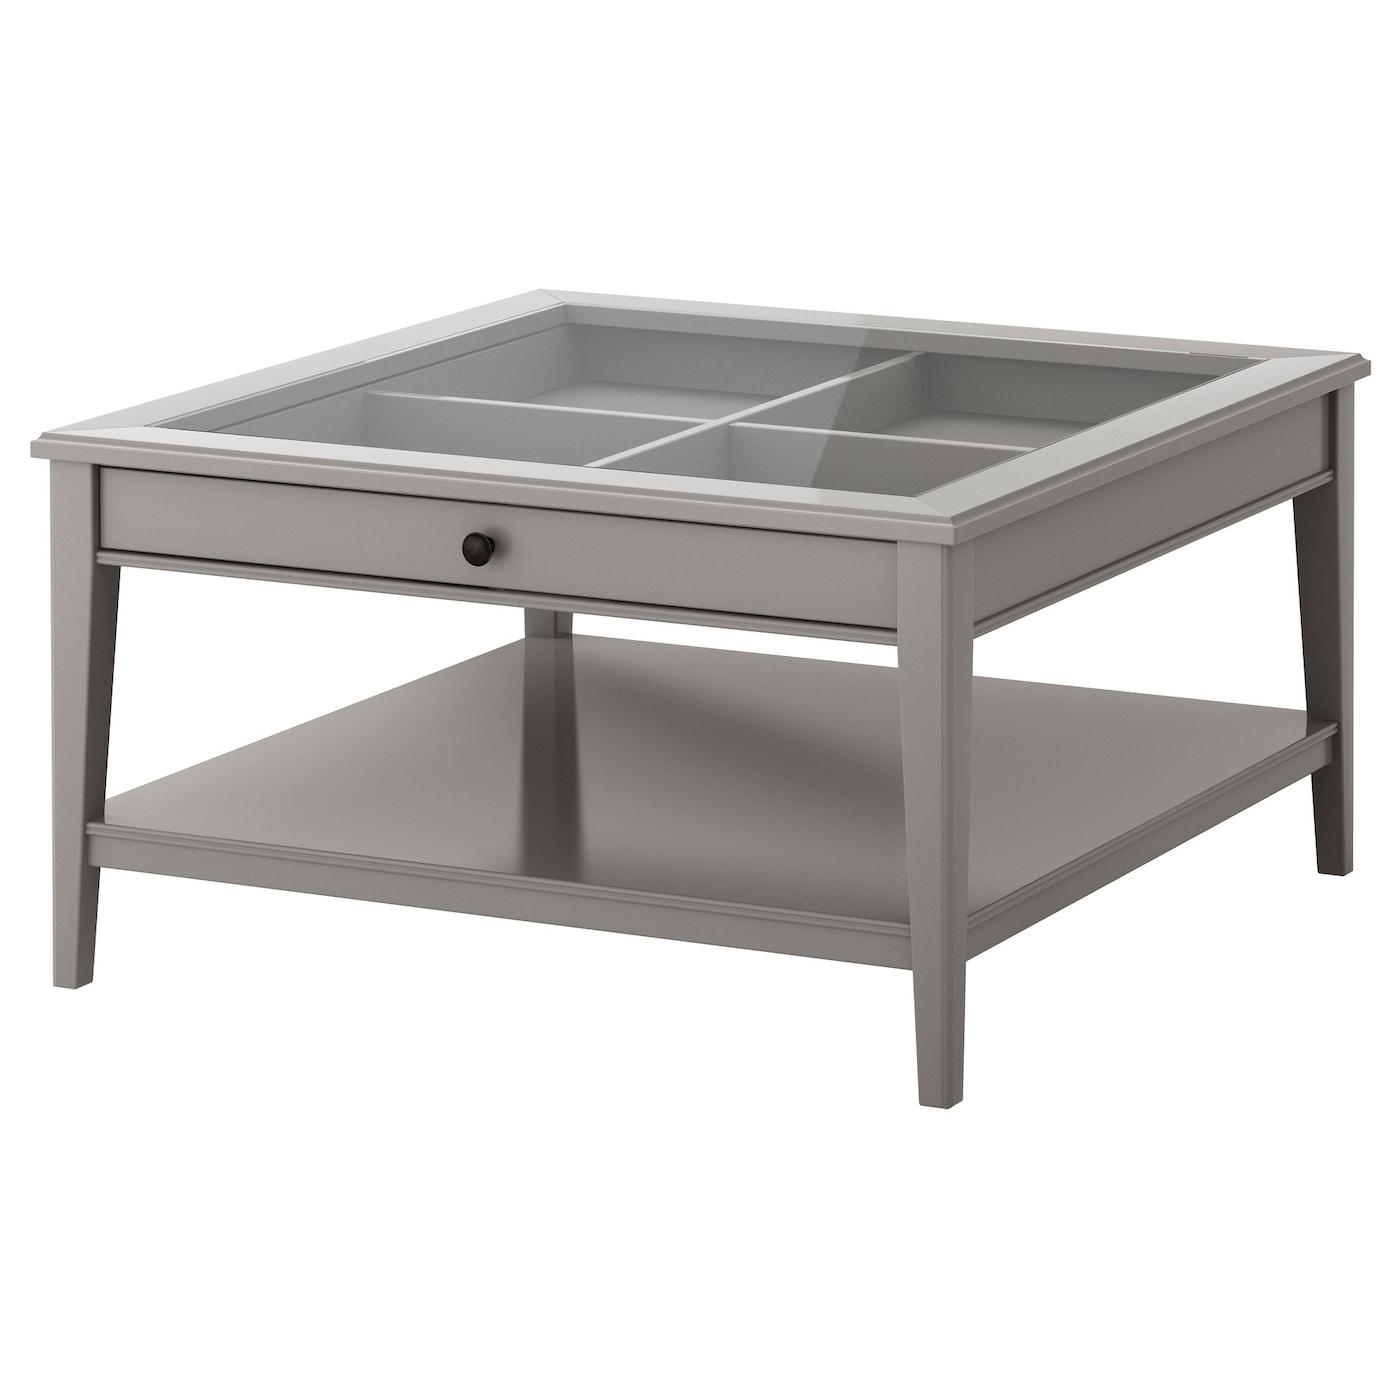 Liatorp Coffee Table Grey Glass 93x93 Cm Ikea Ireland [ 1400 x 1400 Pixel ]